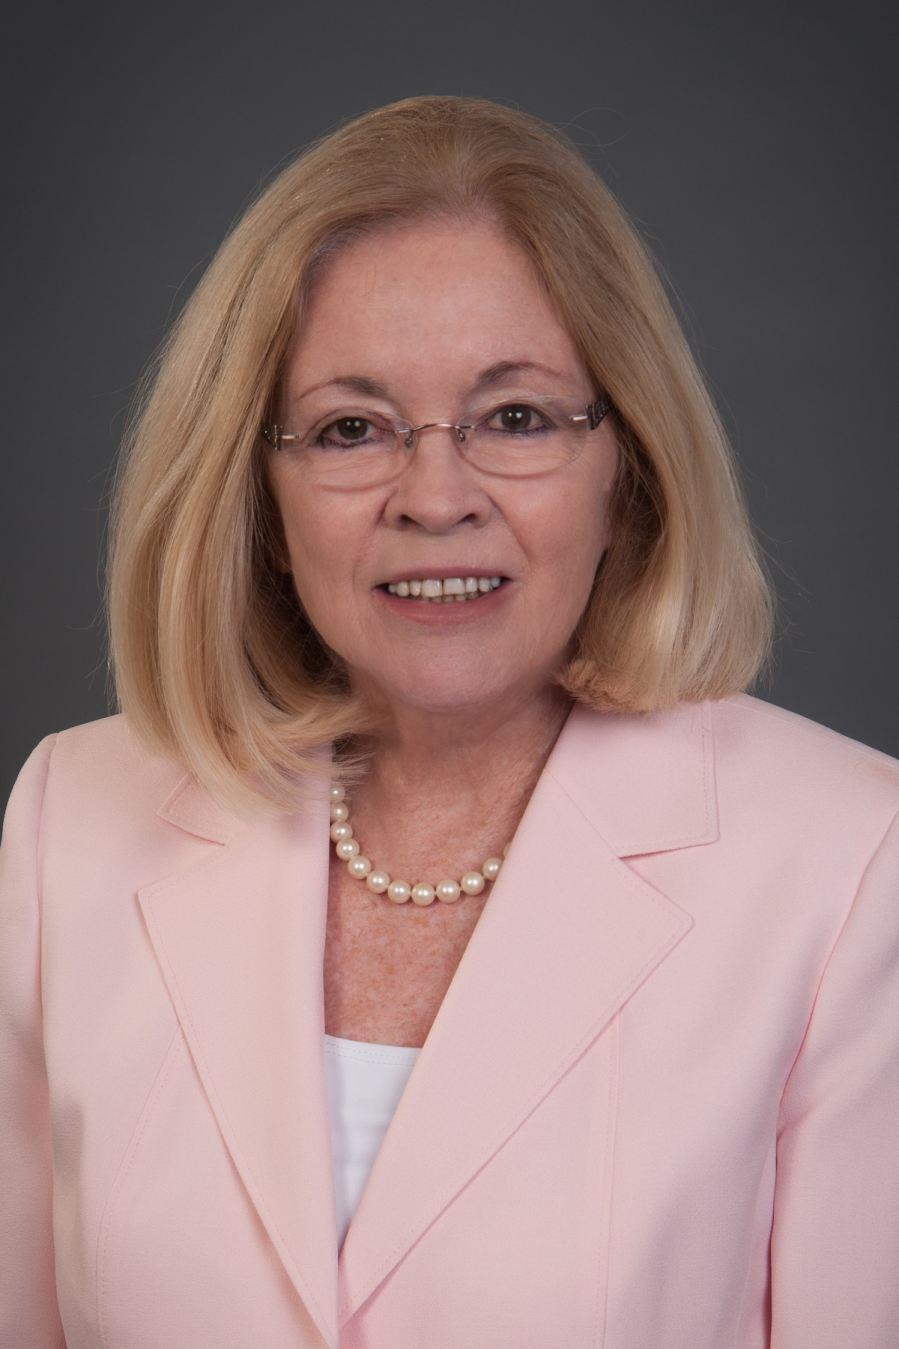 Ann Keohan